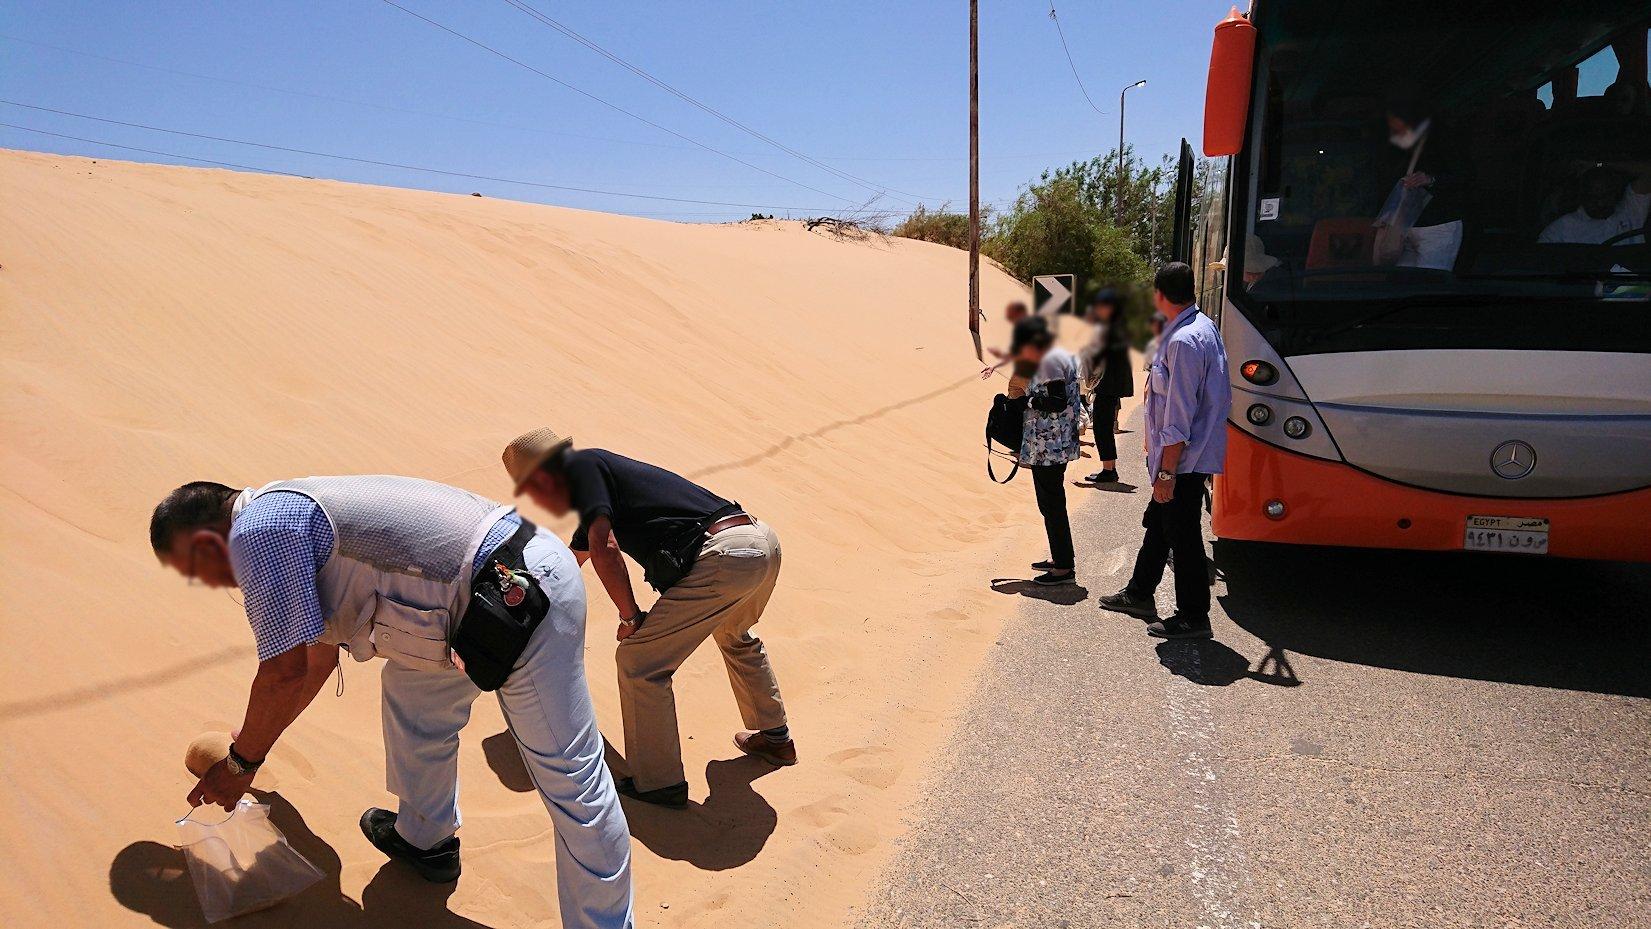 エジプト旅行 ブログ 口コミ アスワン・ハイ・ダム 砂